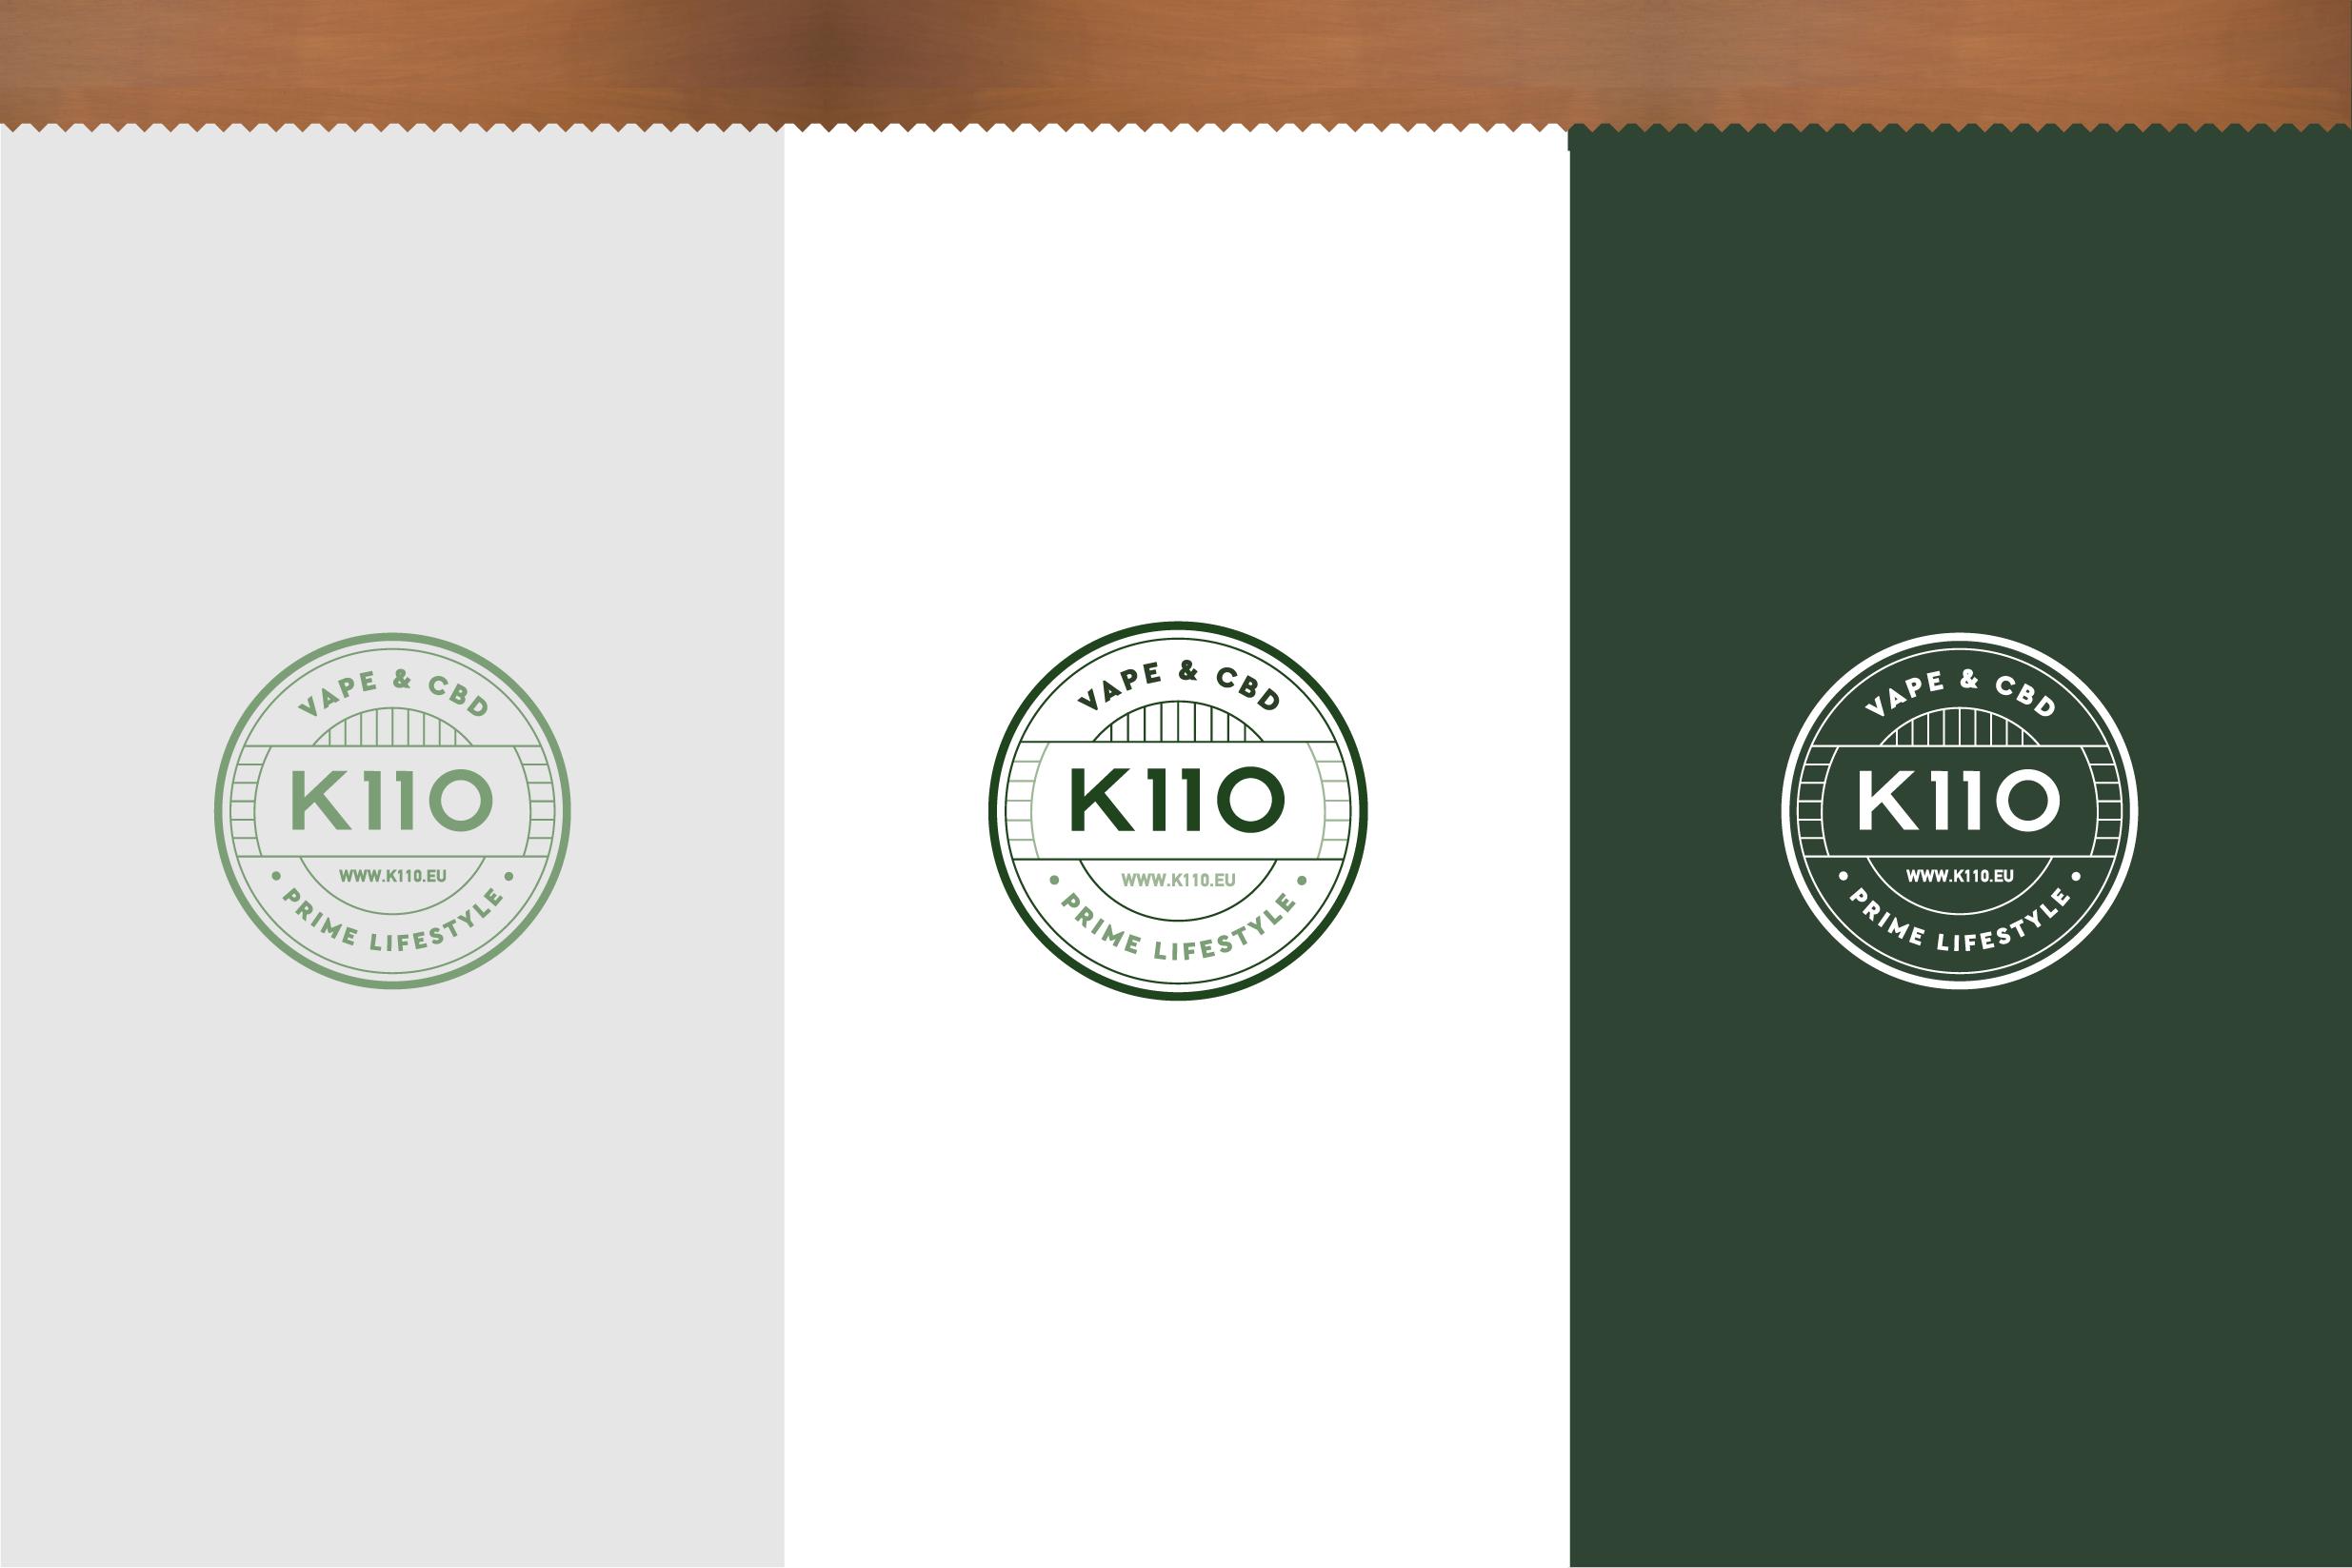 k110-presentation-02.png